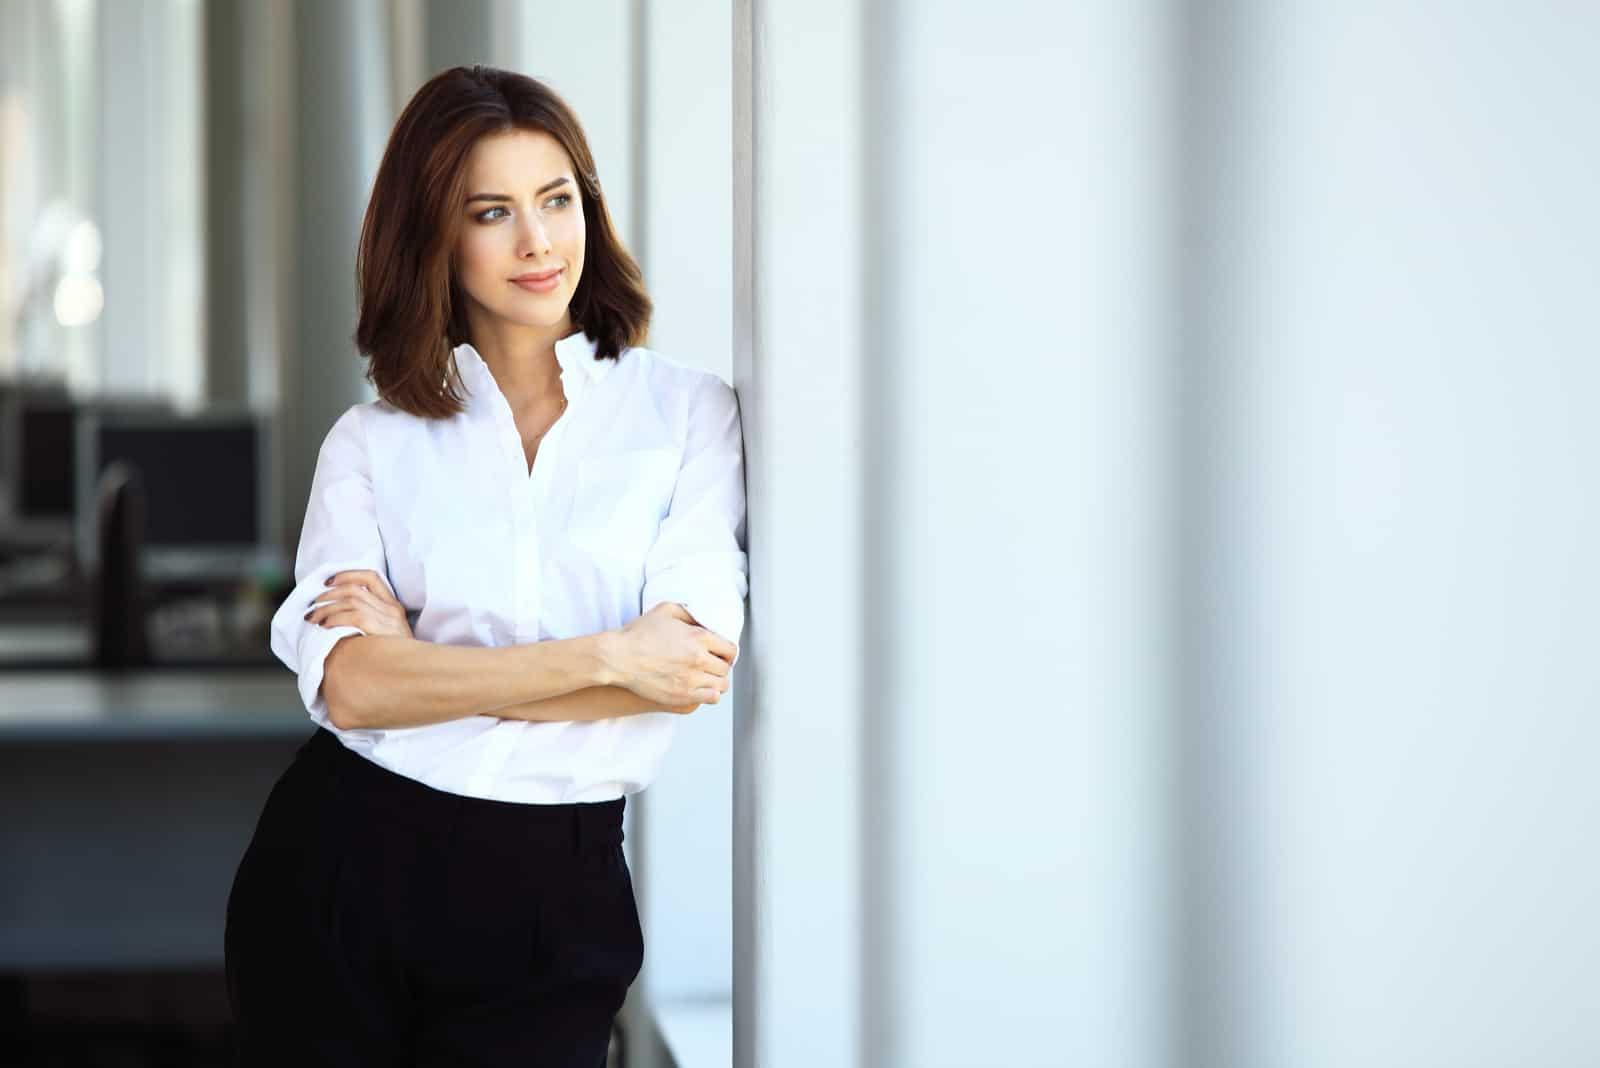 Moderne Geschäftsfrau im Büro